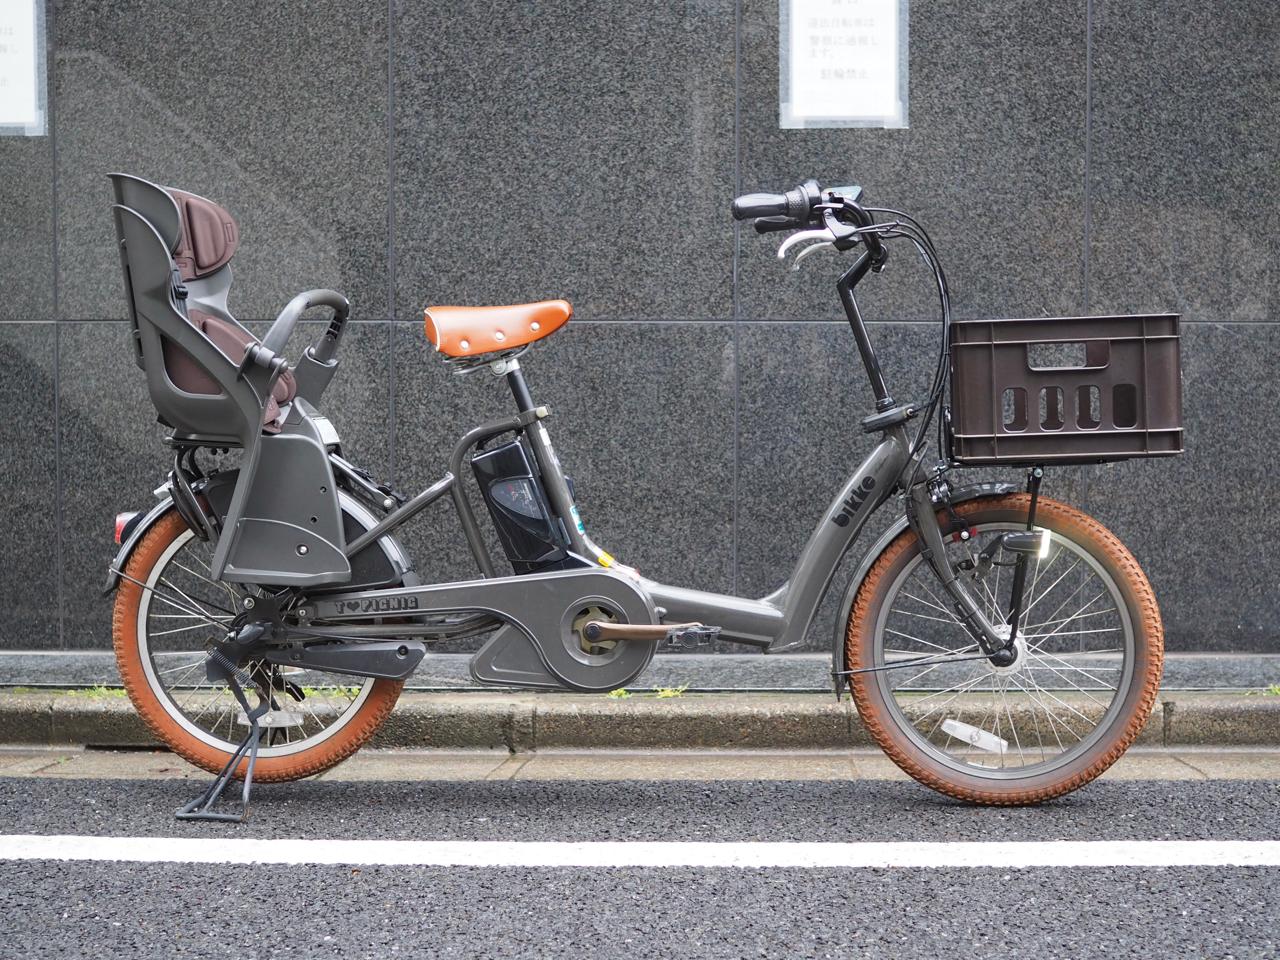 ブリヂストン,ビッケ,子乗せ,電動自転車,子乗せ電動,チャイルドシート,bikke,ビッケポーラー